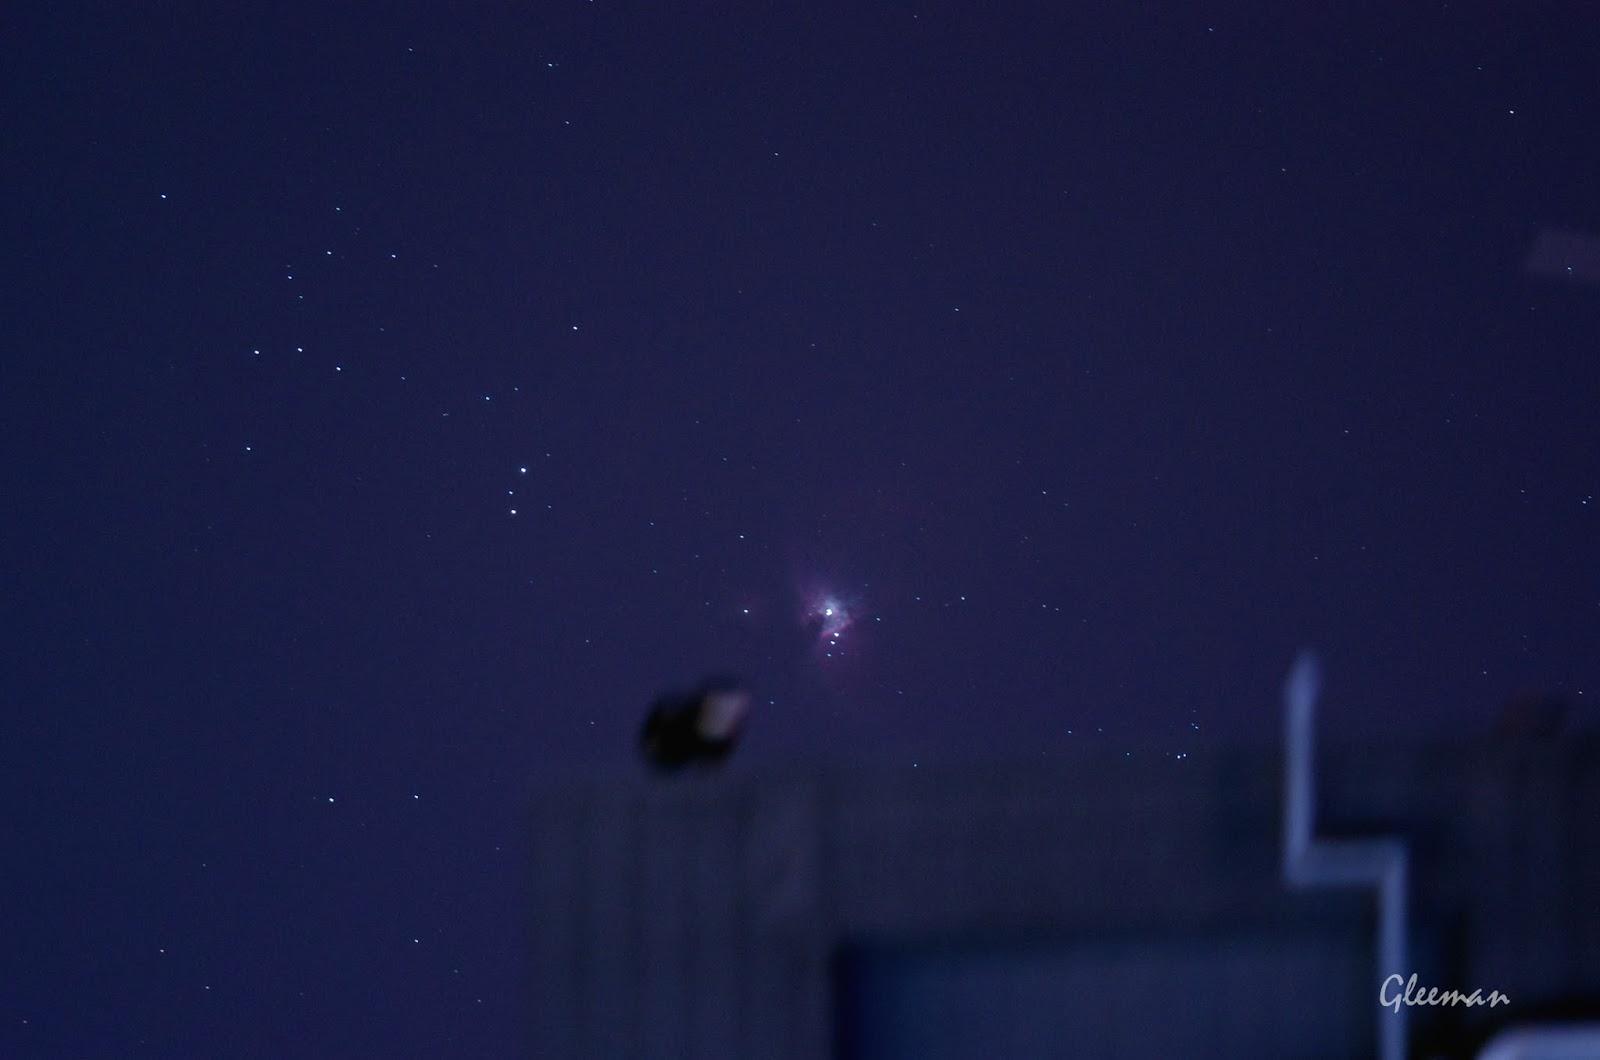 遠方大樓後剛昇上來的獵戶座大星雲 M42 。